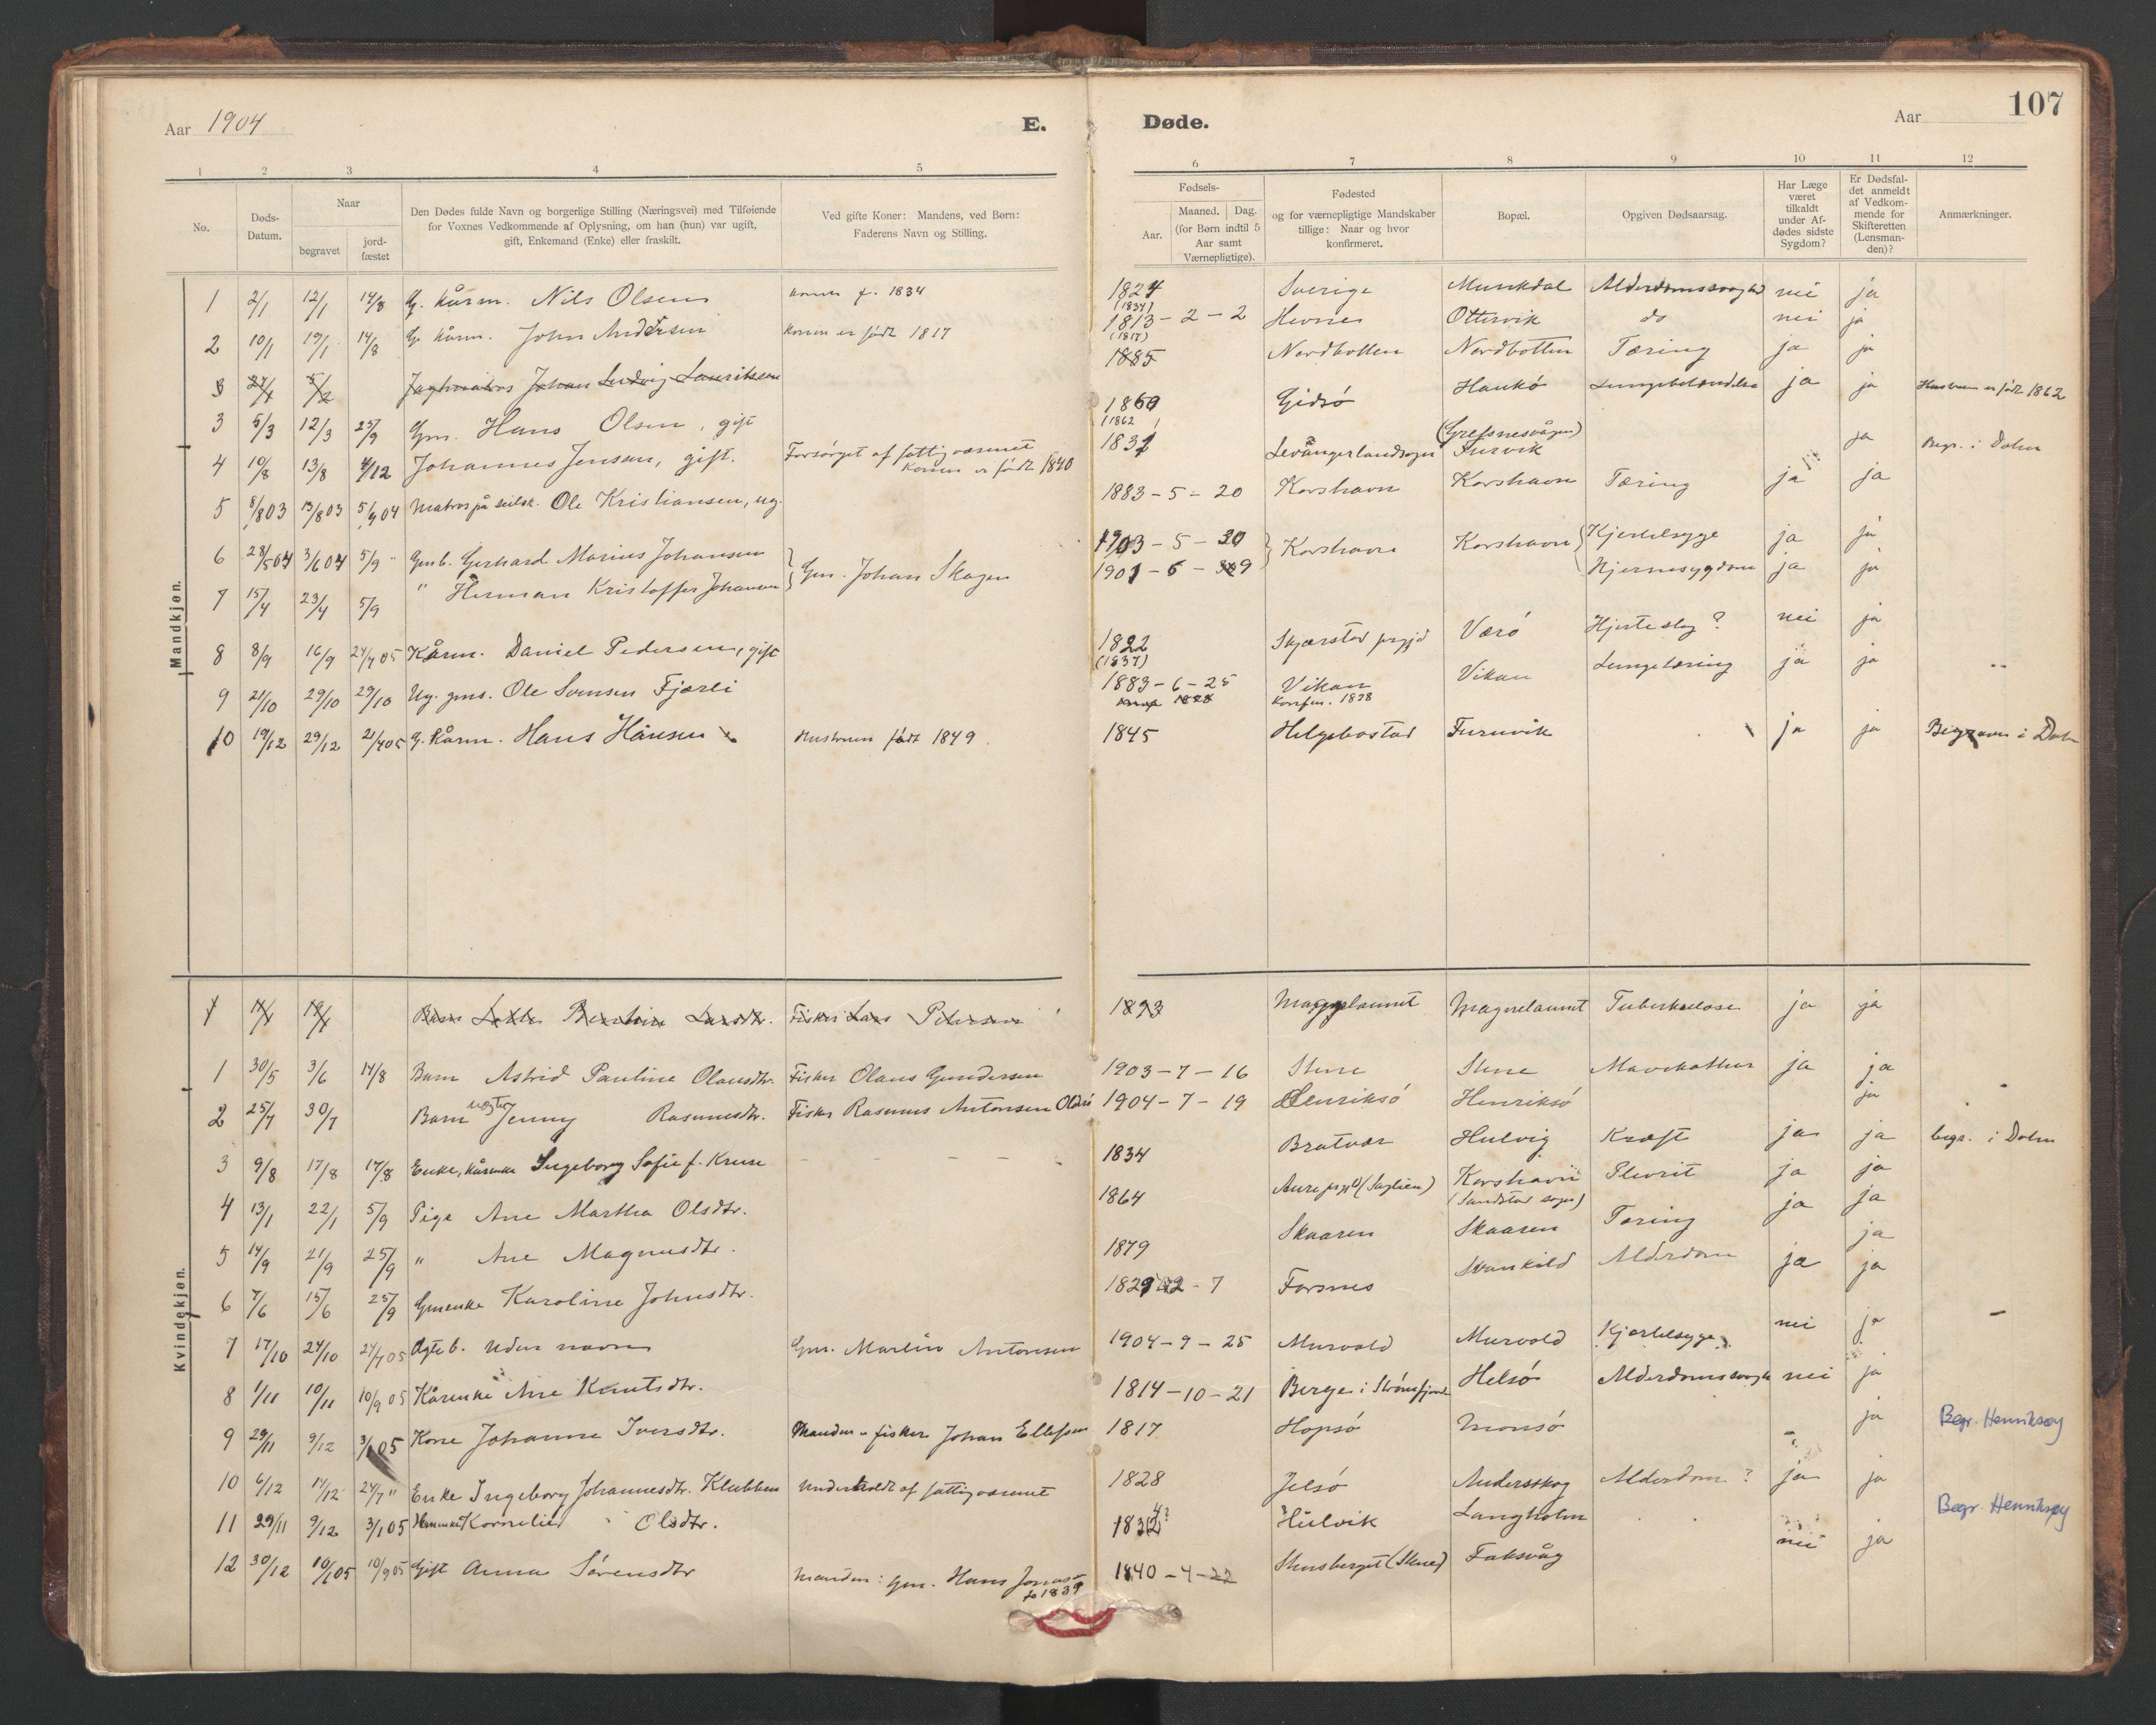 SAT, Ministerialprotokoller, klokkerbøker og fødselsregistre - Sør-Trøndelag, 635/L0552: Ministerialbok nr. 635A02, 1899-1919, s. 107